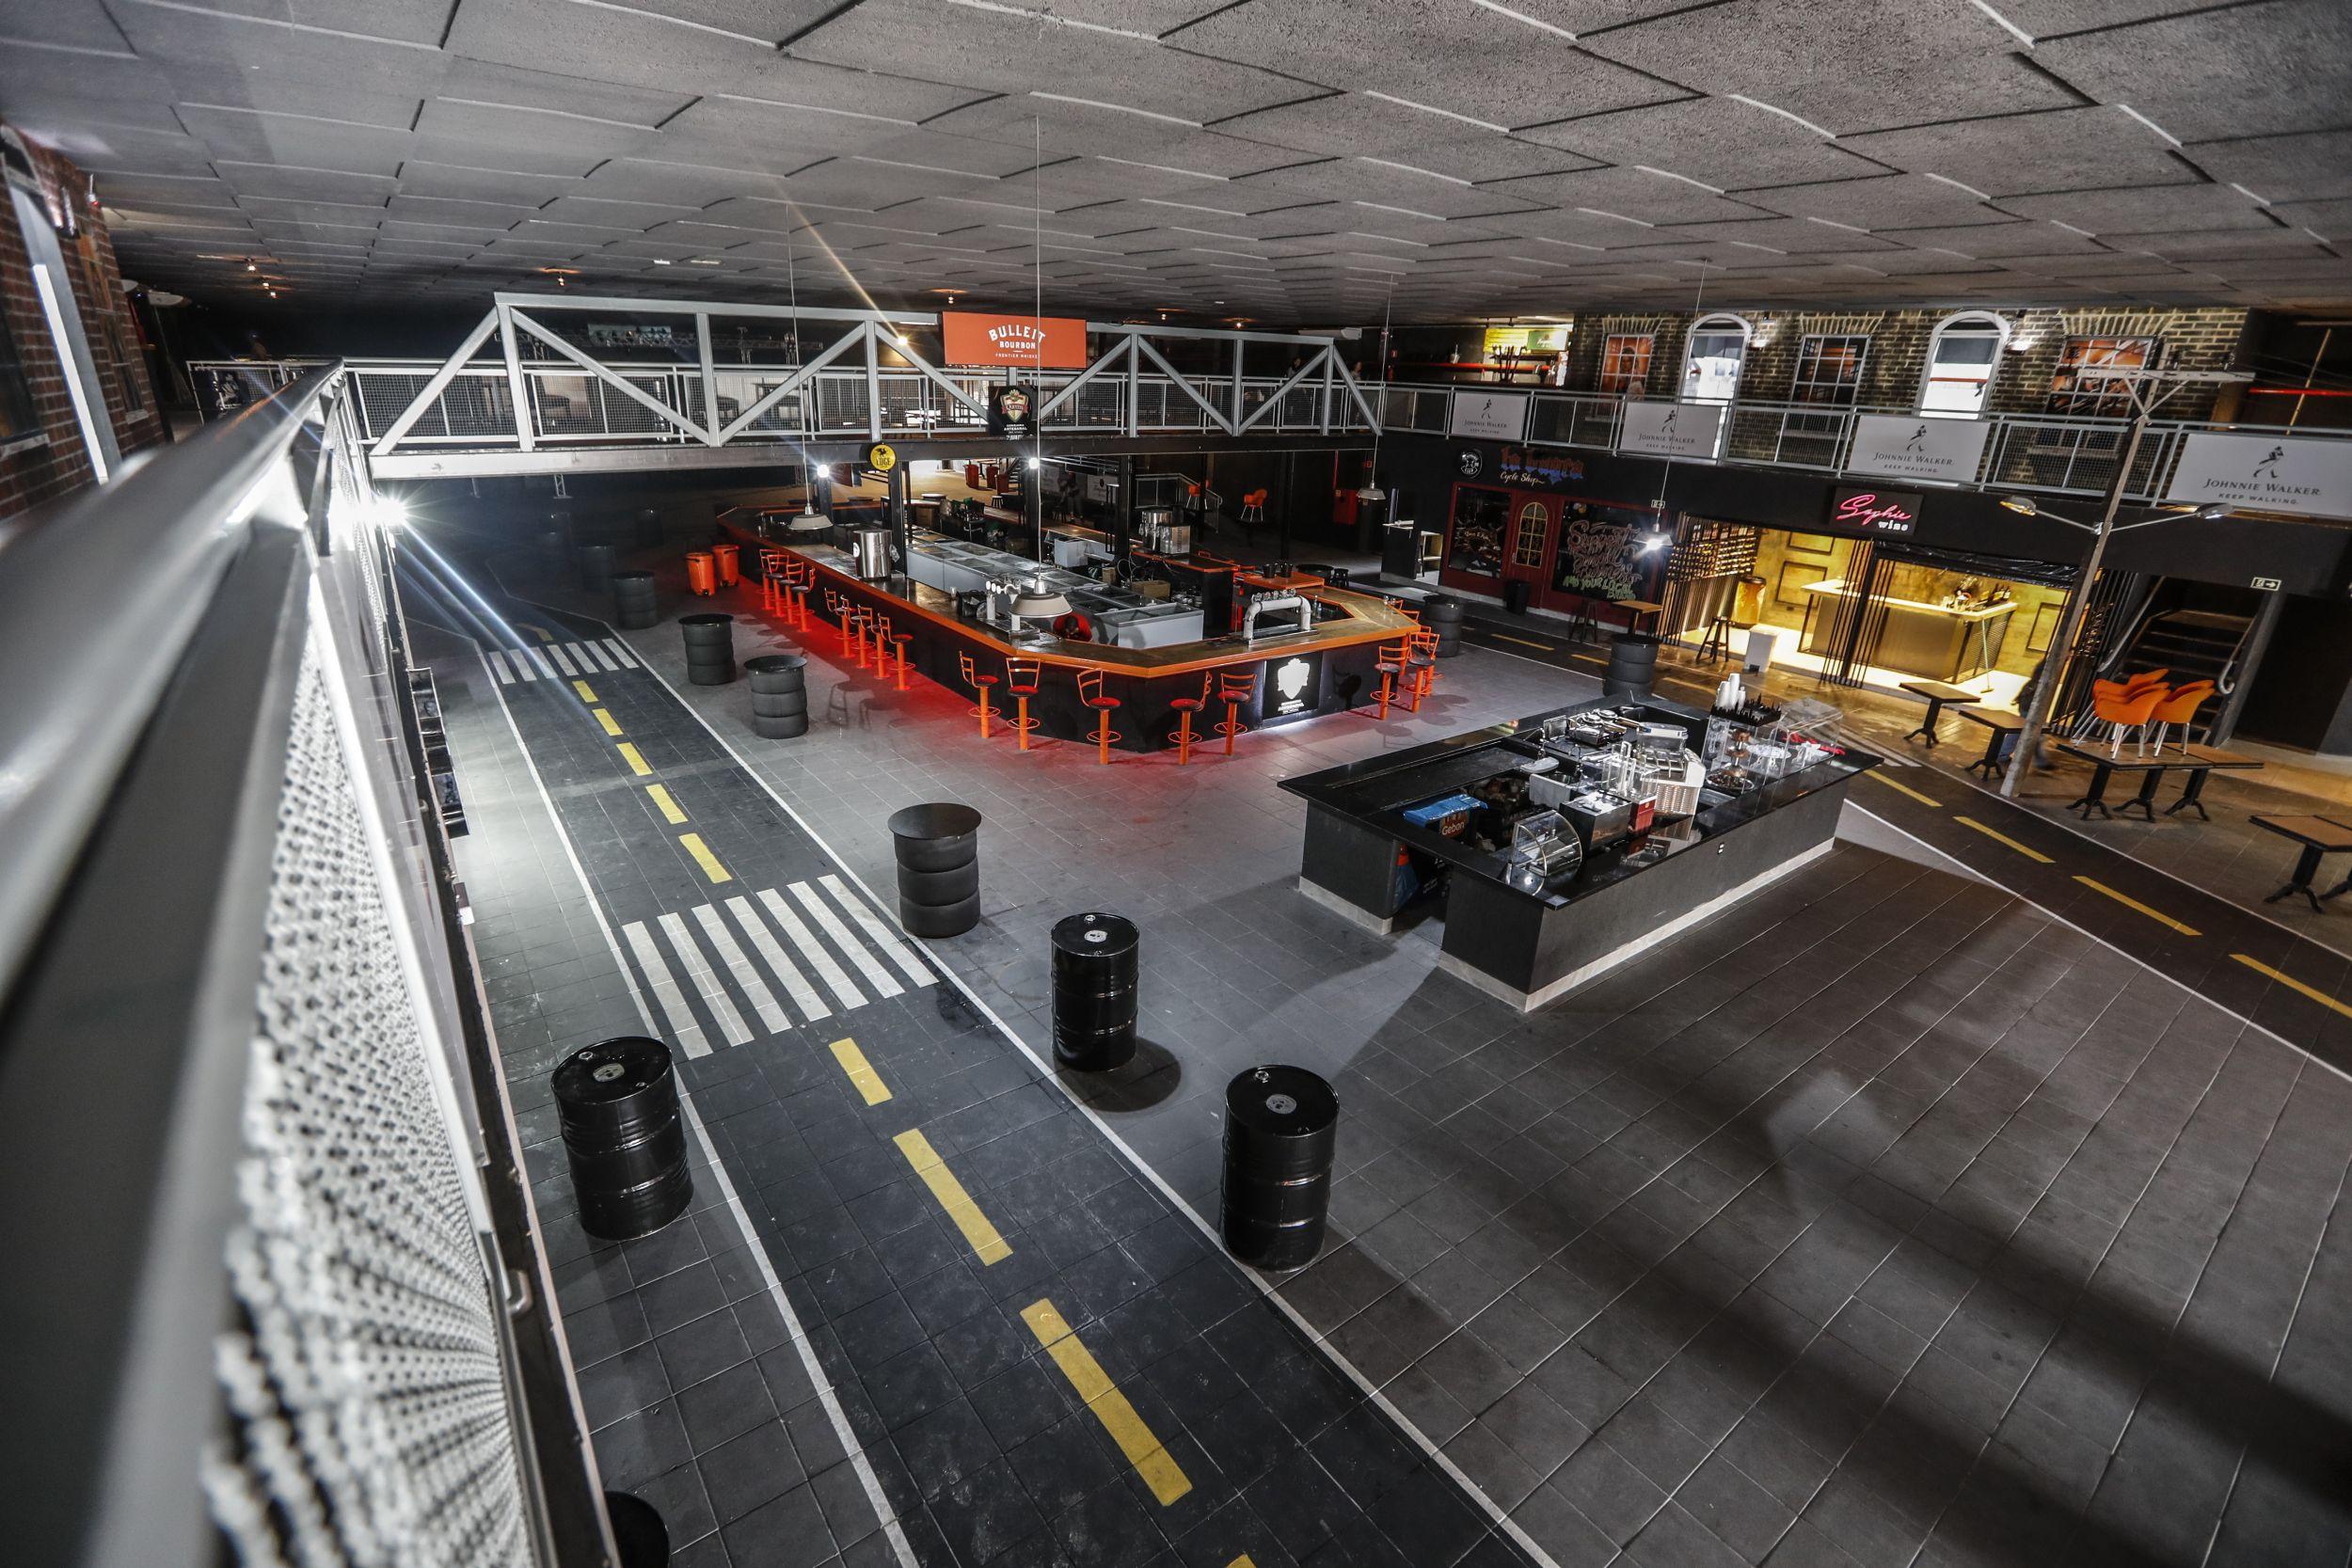 Exclusivo: veja as fotos do maior bar de rock da América Latina em Curitiba